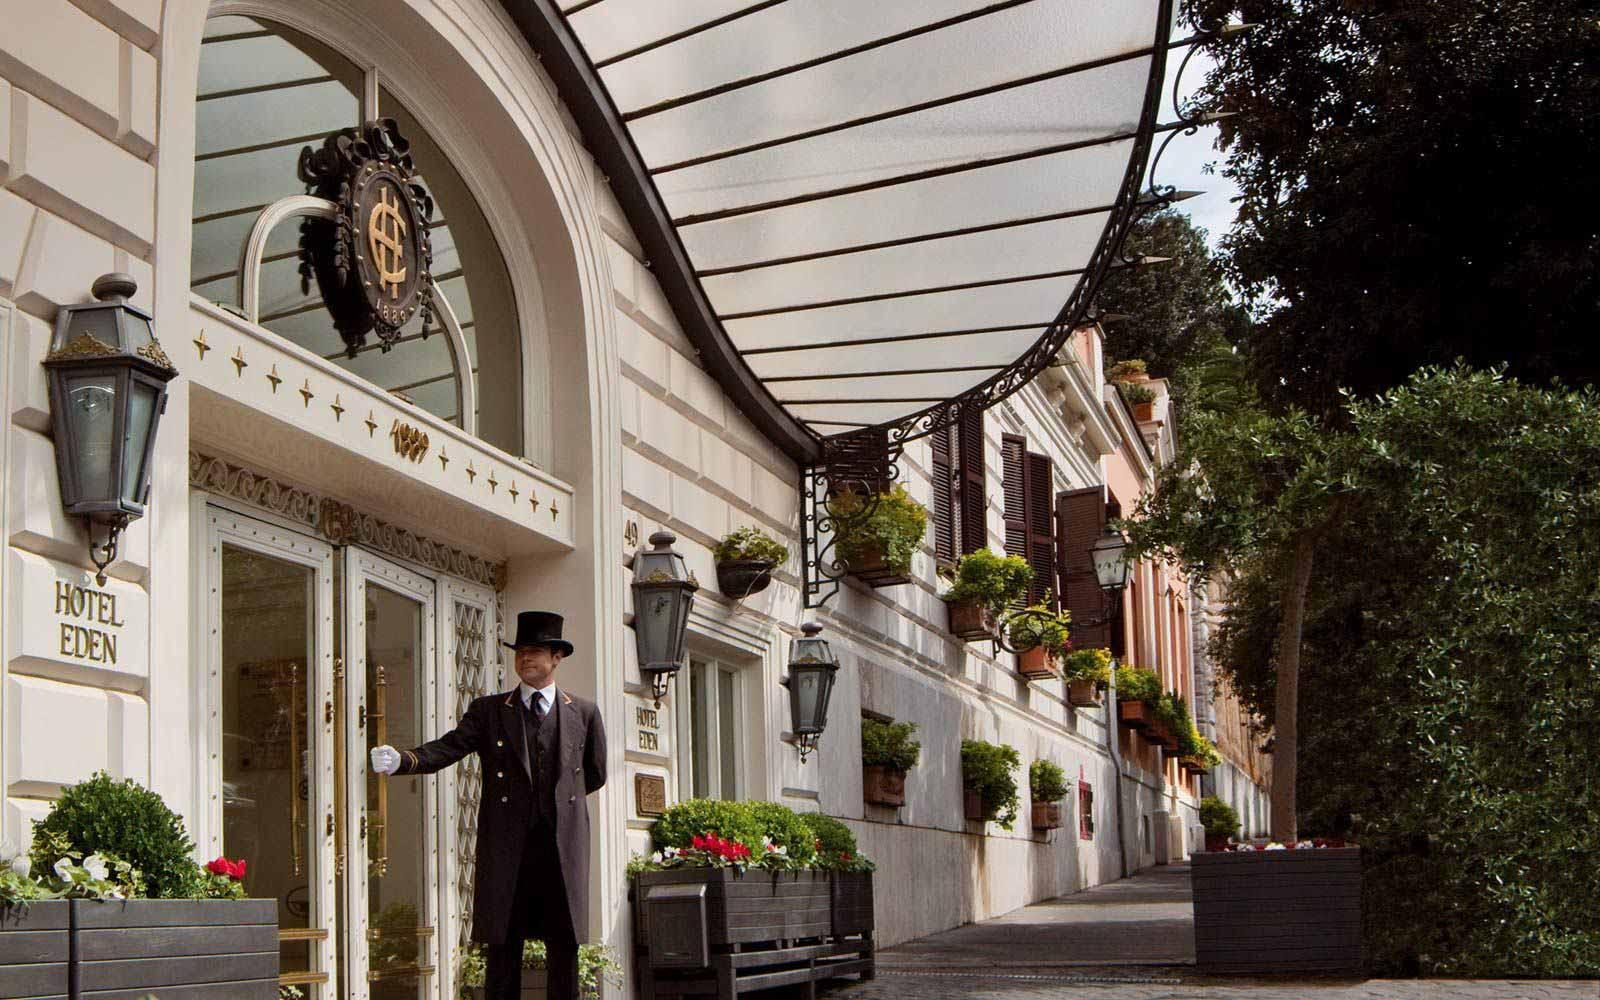 Entrance to Hotel Eden